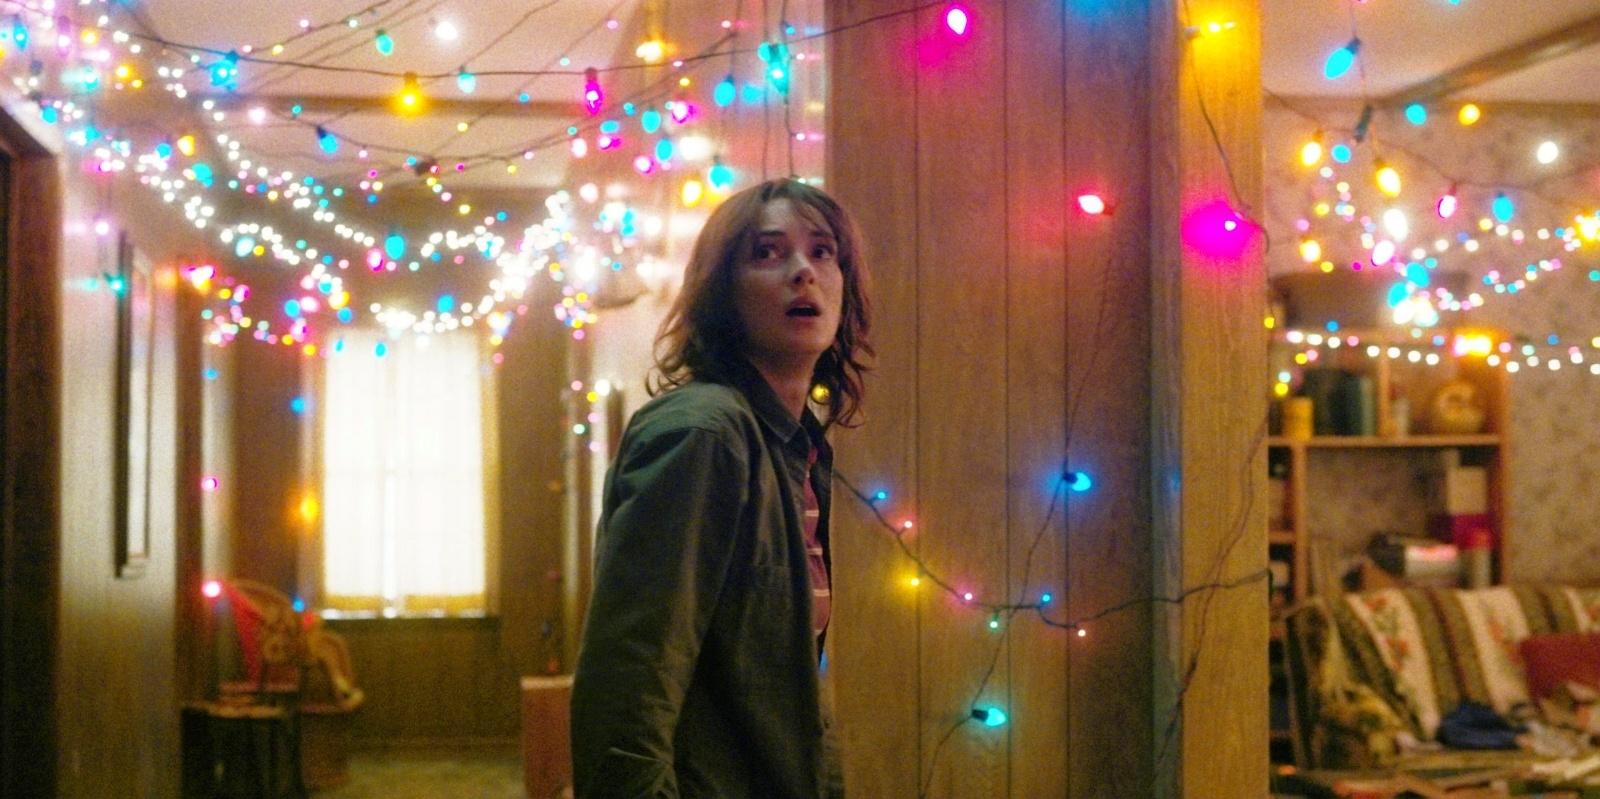 Stranger Things Christmas Lights.Our Stranger Things Upside Down Christmas Tree Christmas